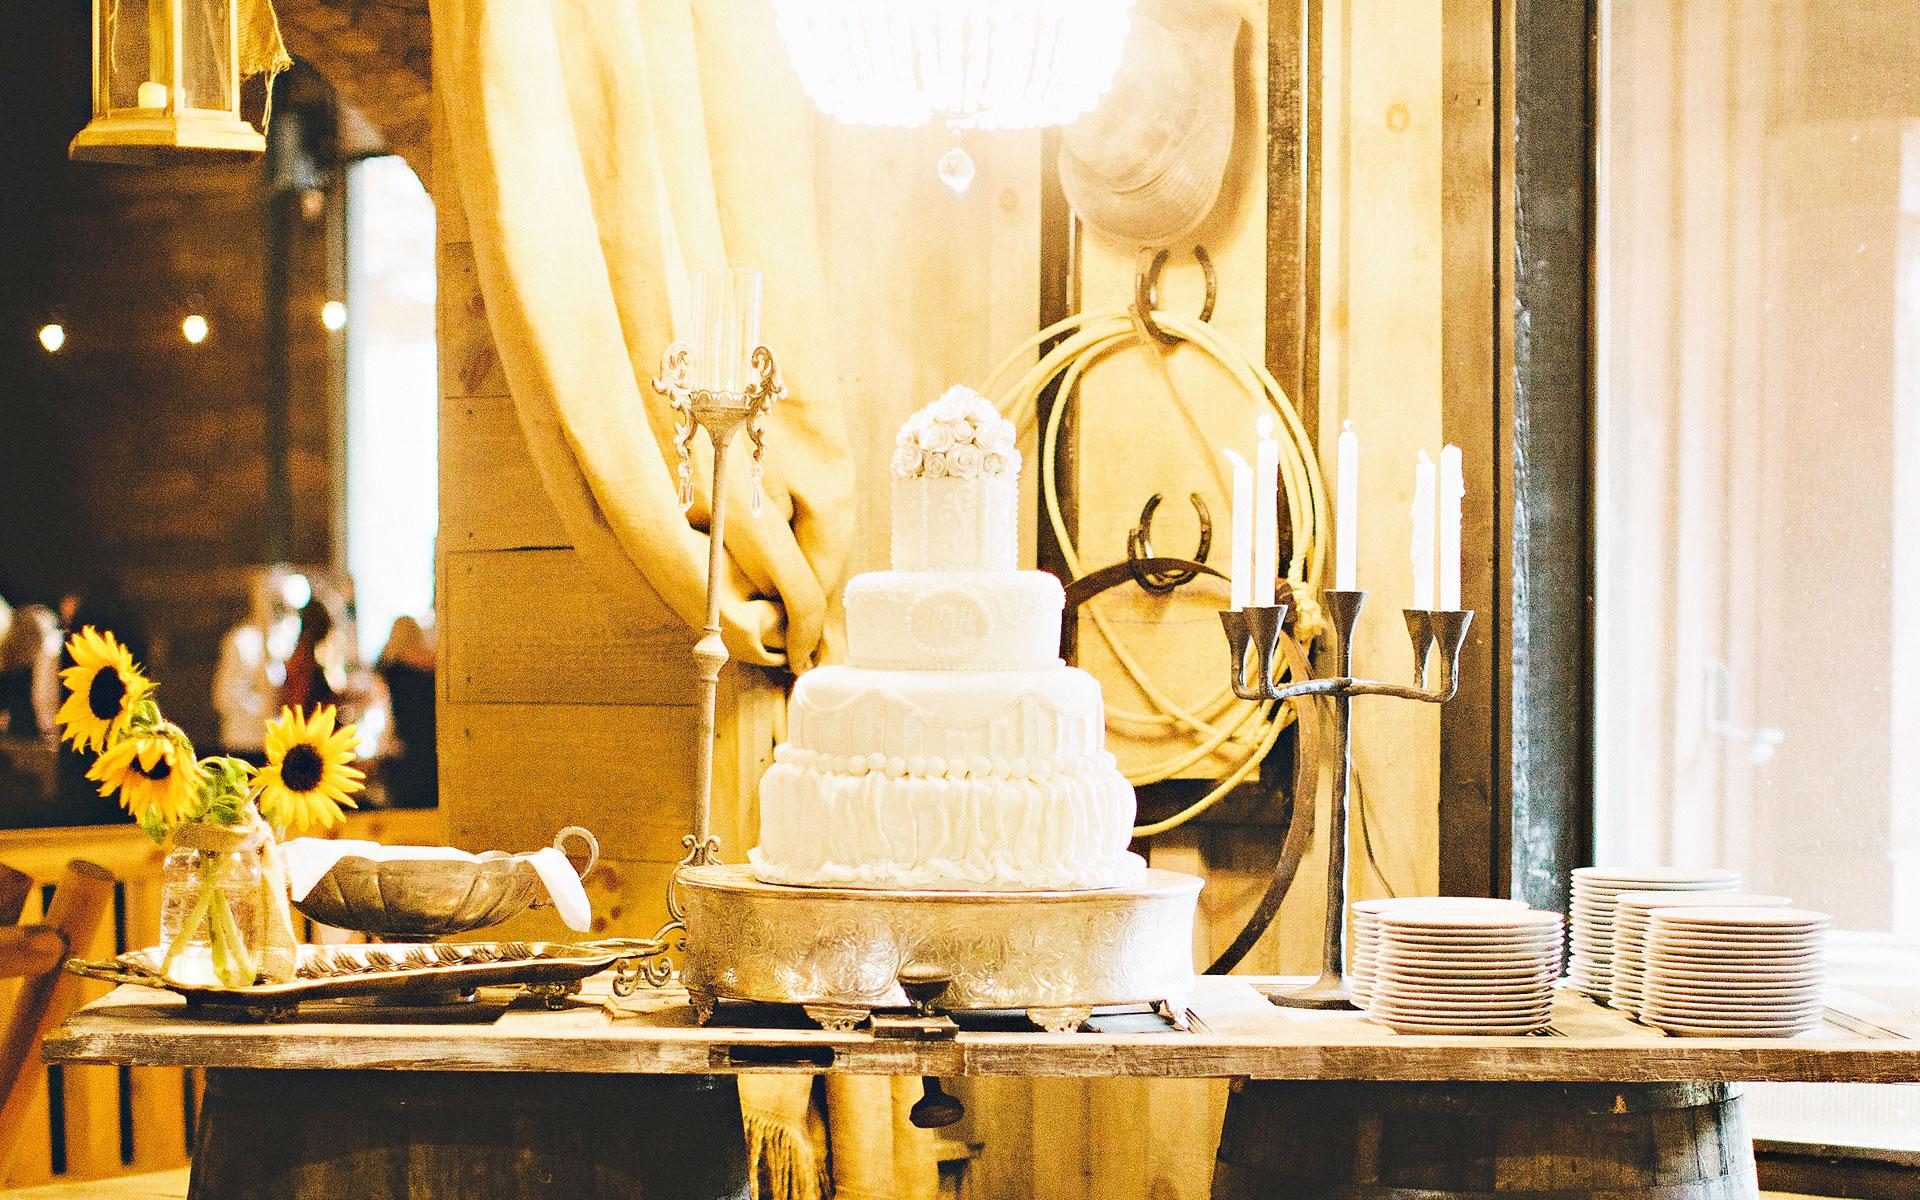 wedding-cake-display-ll-farm-events.jpg